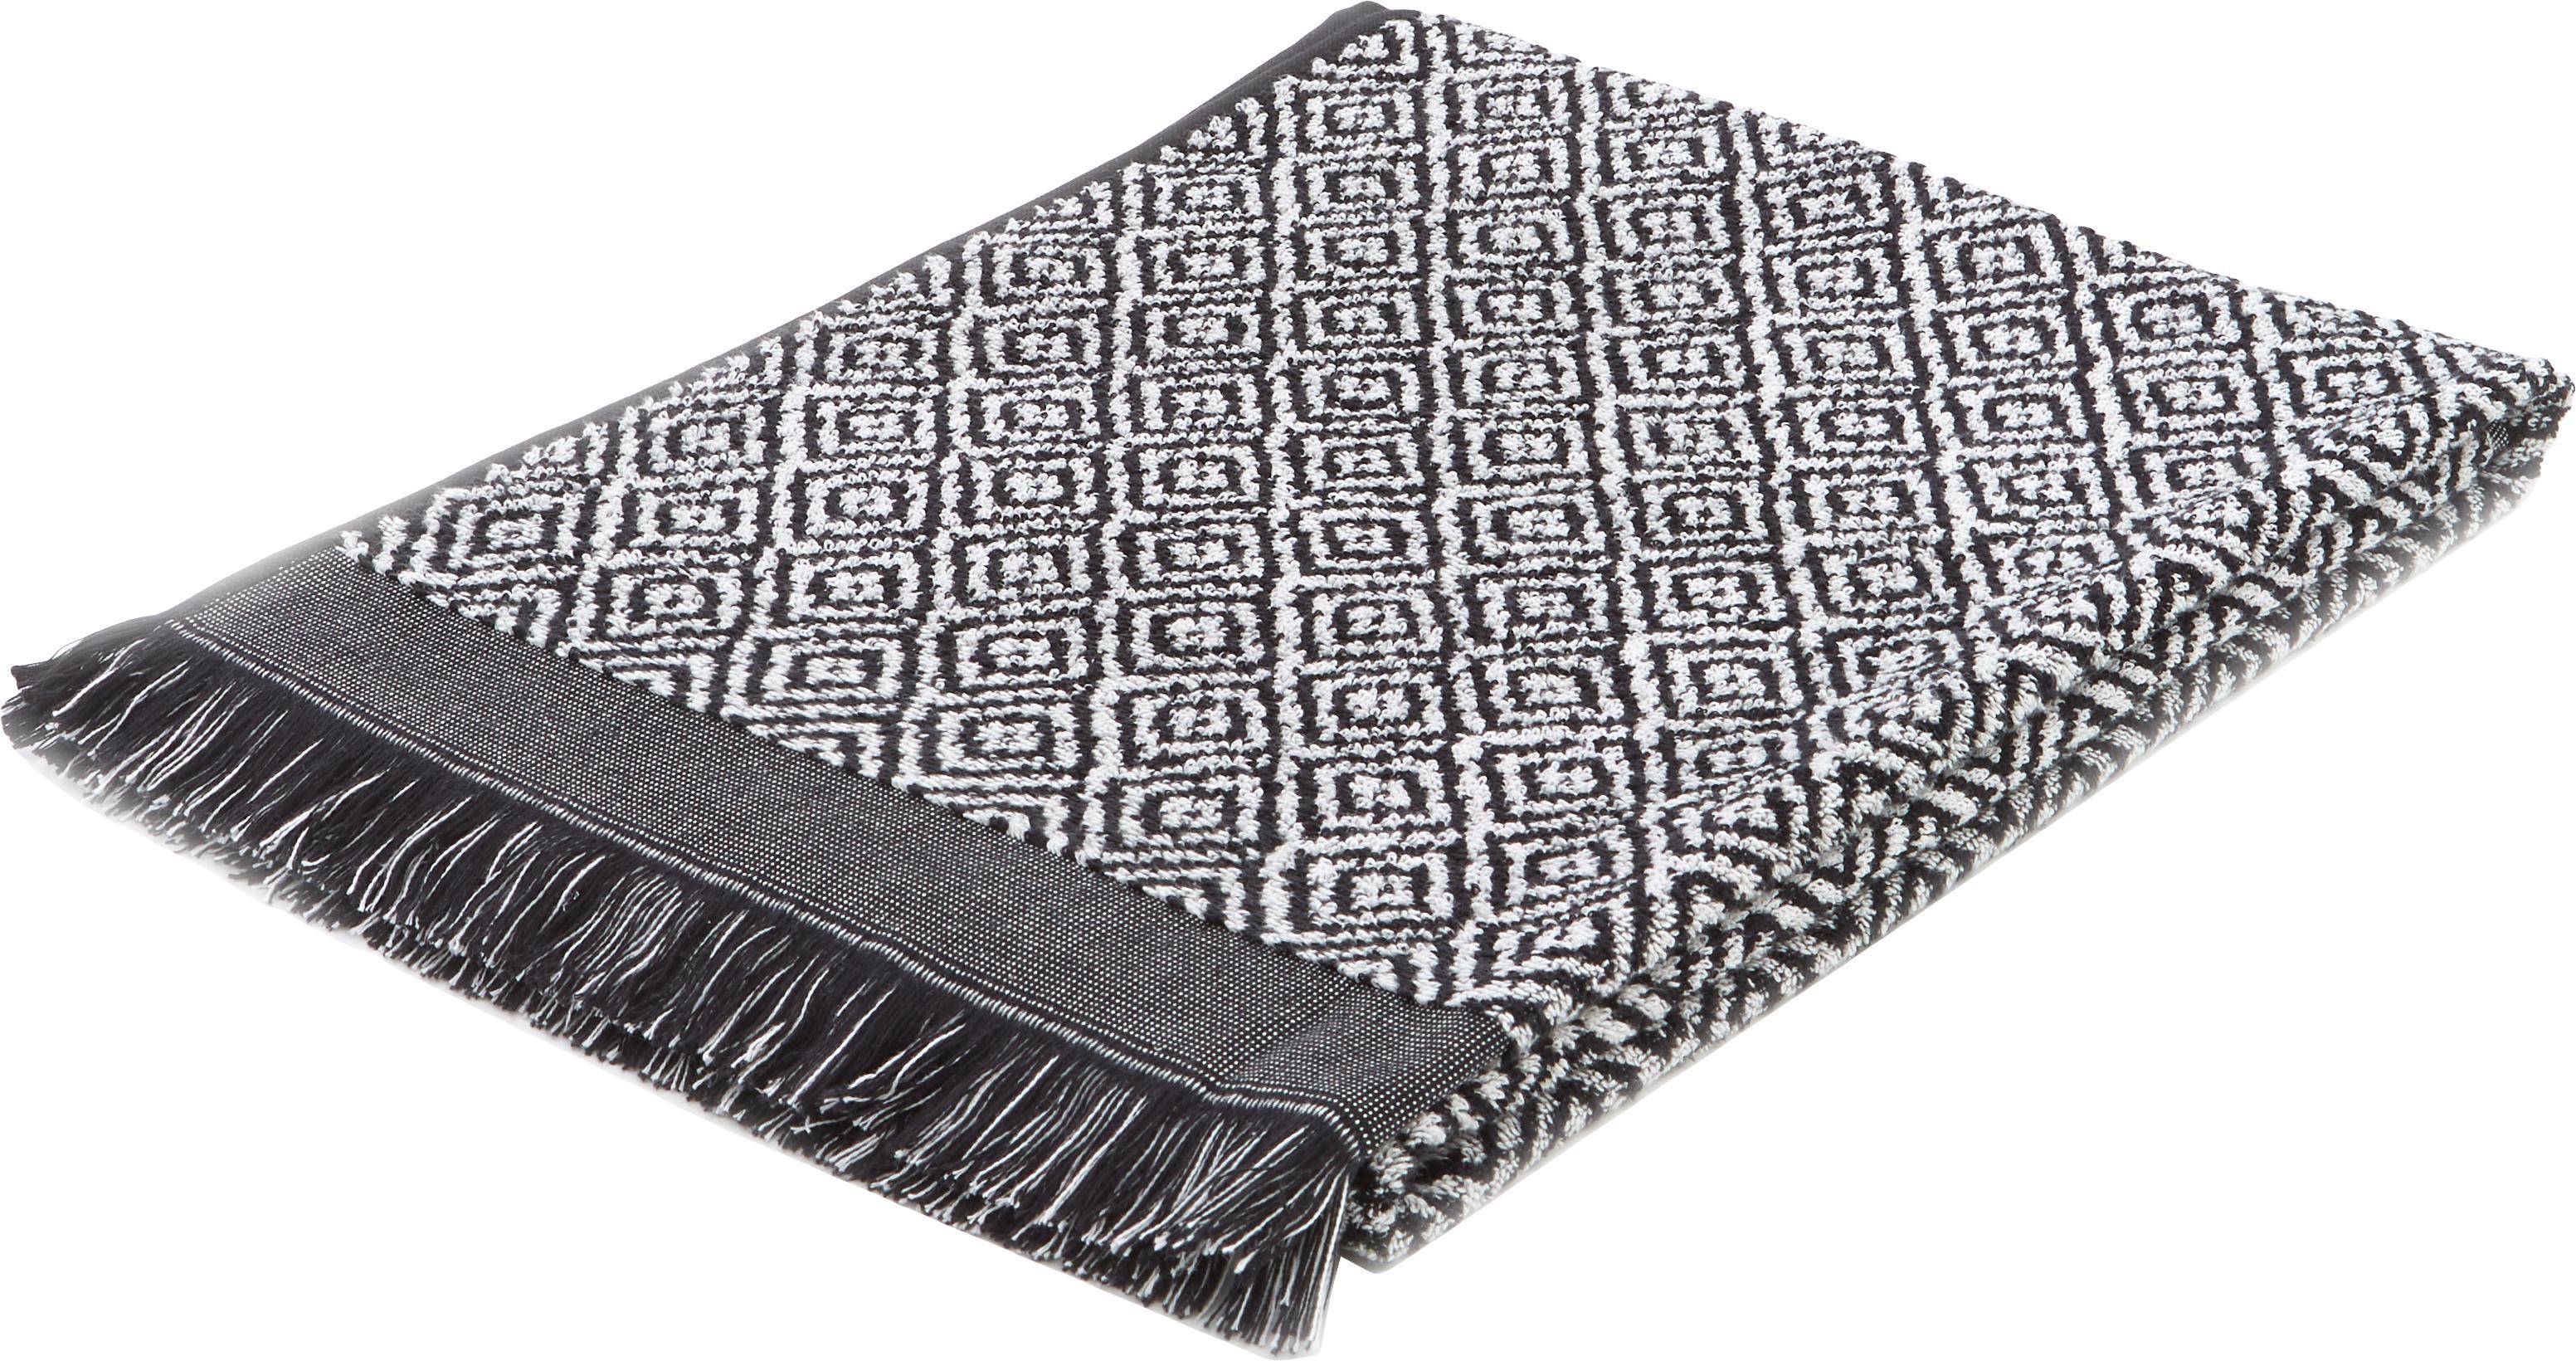 Handtuch Morocco in verschiedenen Grössen, mit Rautenmuster, Schwarz, Weiss, Duschtuch